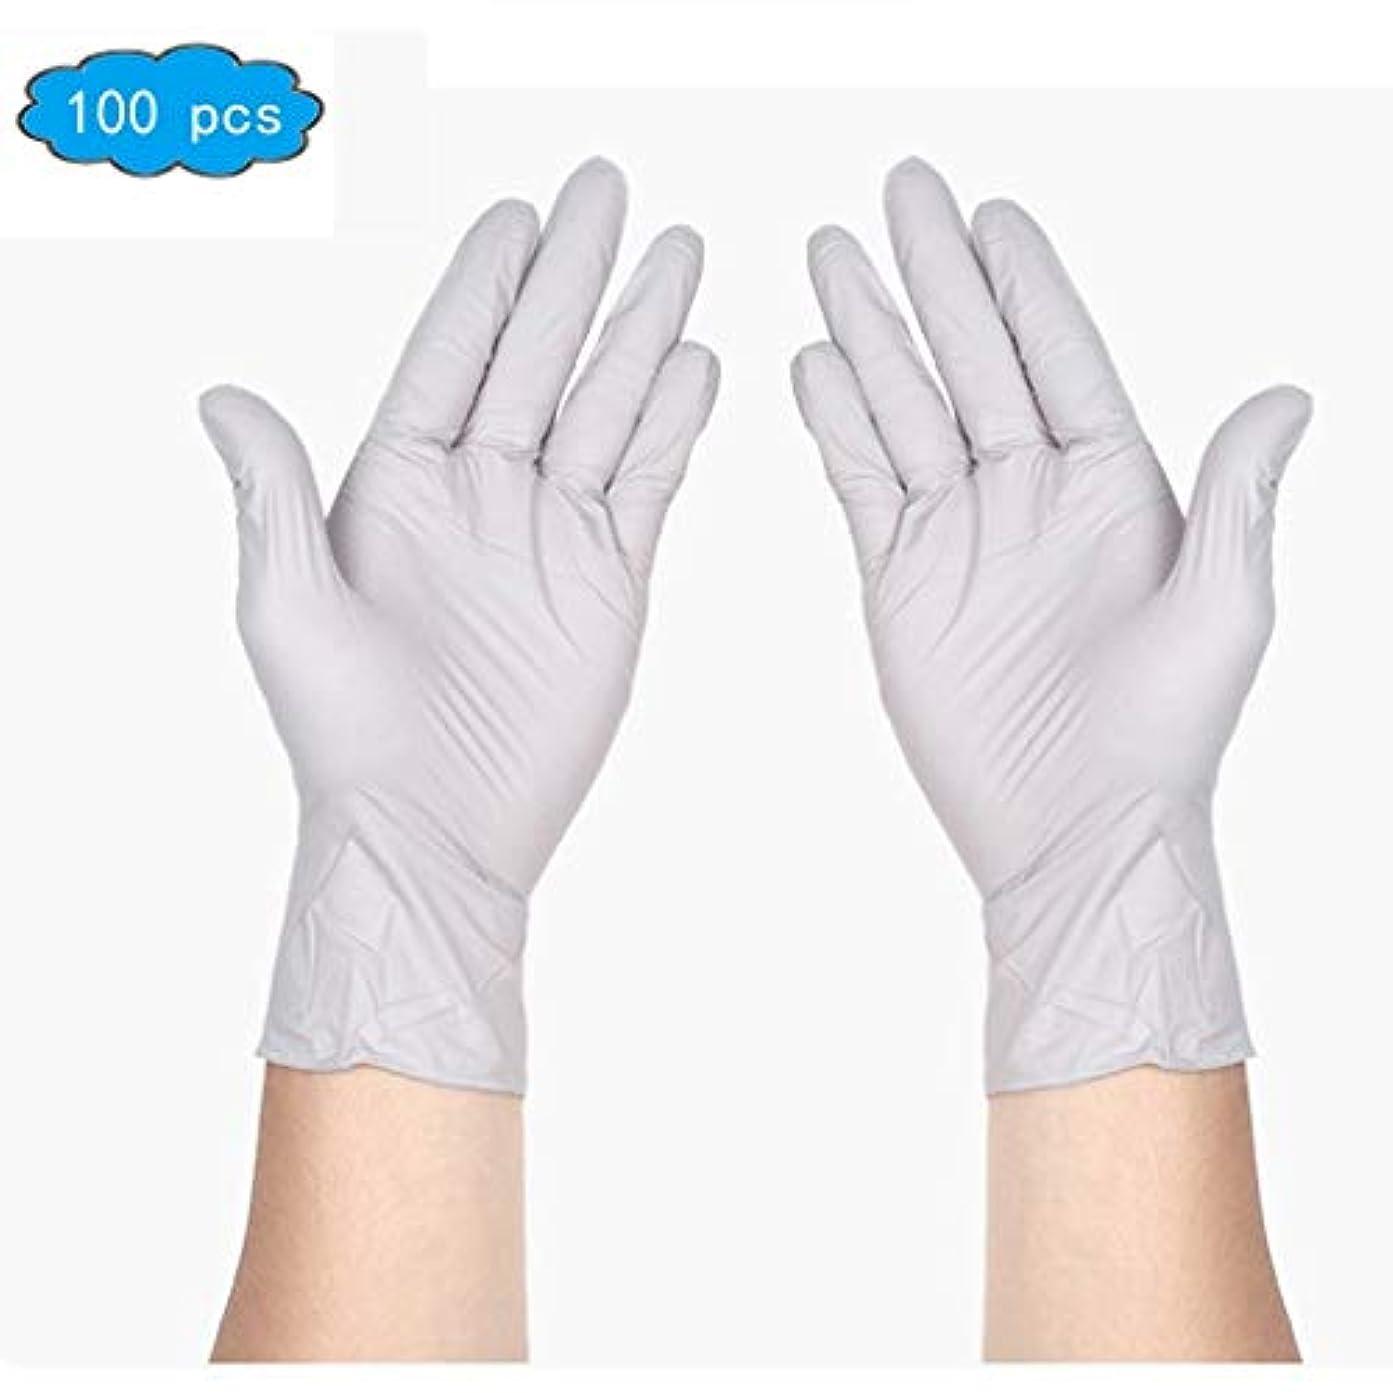 葉を拾うドーム並外れたニトリル試験用手袋 - 医療用グレード、パウダーフリー、ラテックスラバーフリー、使い捨て、非滅菌、食品安全、テクスチャード加工、白色、2.5ミル、便利なディスペンサー、100個入り、サニタリーグローブ (Color :...